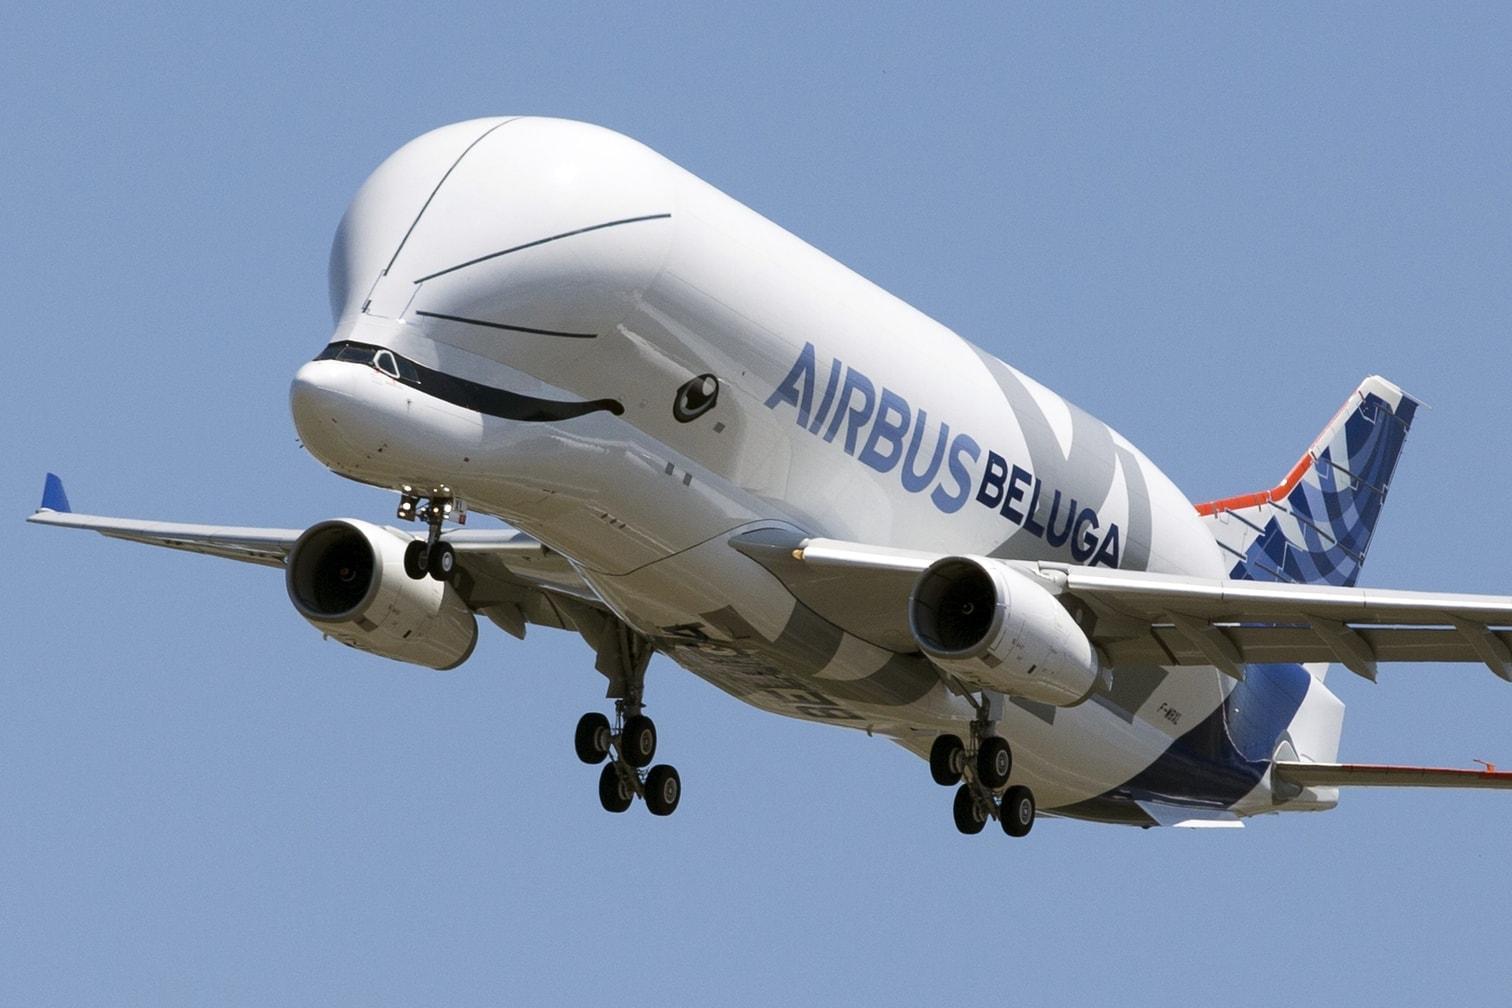 <p>Mit seinem neuen Frachtflugzeug Beluga XL will der europäische Flugzeugbauer Airbus künftig leichter Rumpfteile und Tragflächen zwischen seinen Produktionsstandorten hin- und herbewegen.</p> Foto: dpa